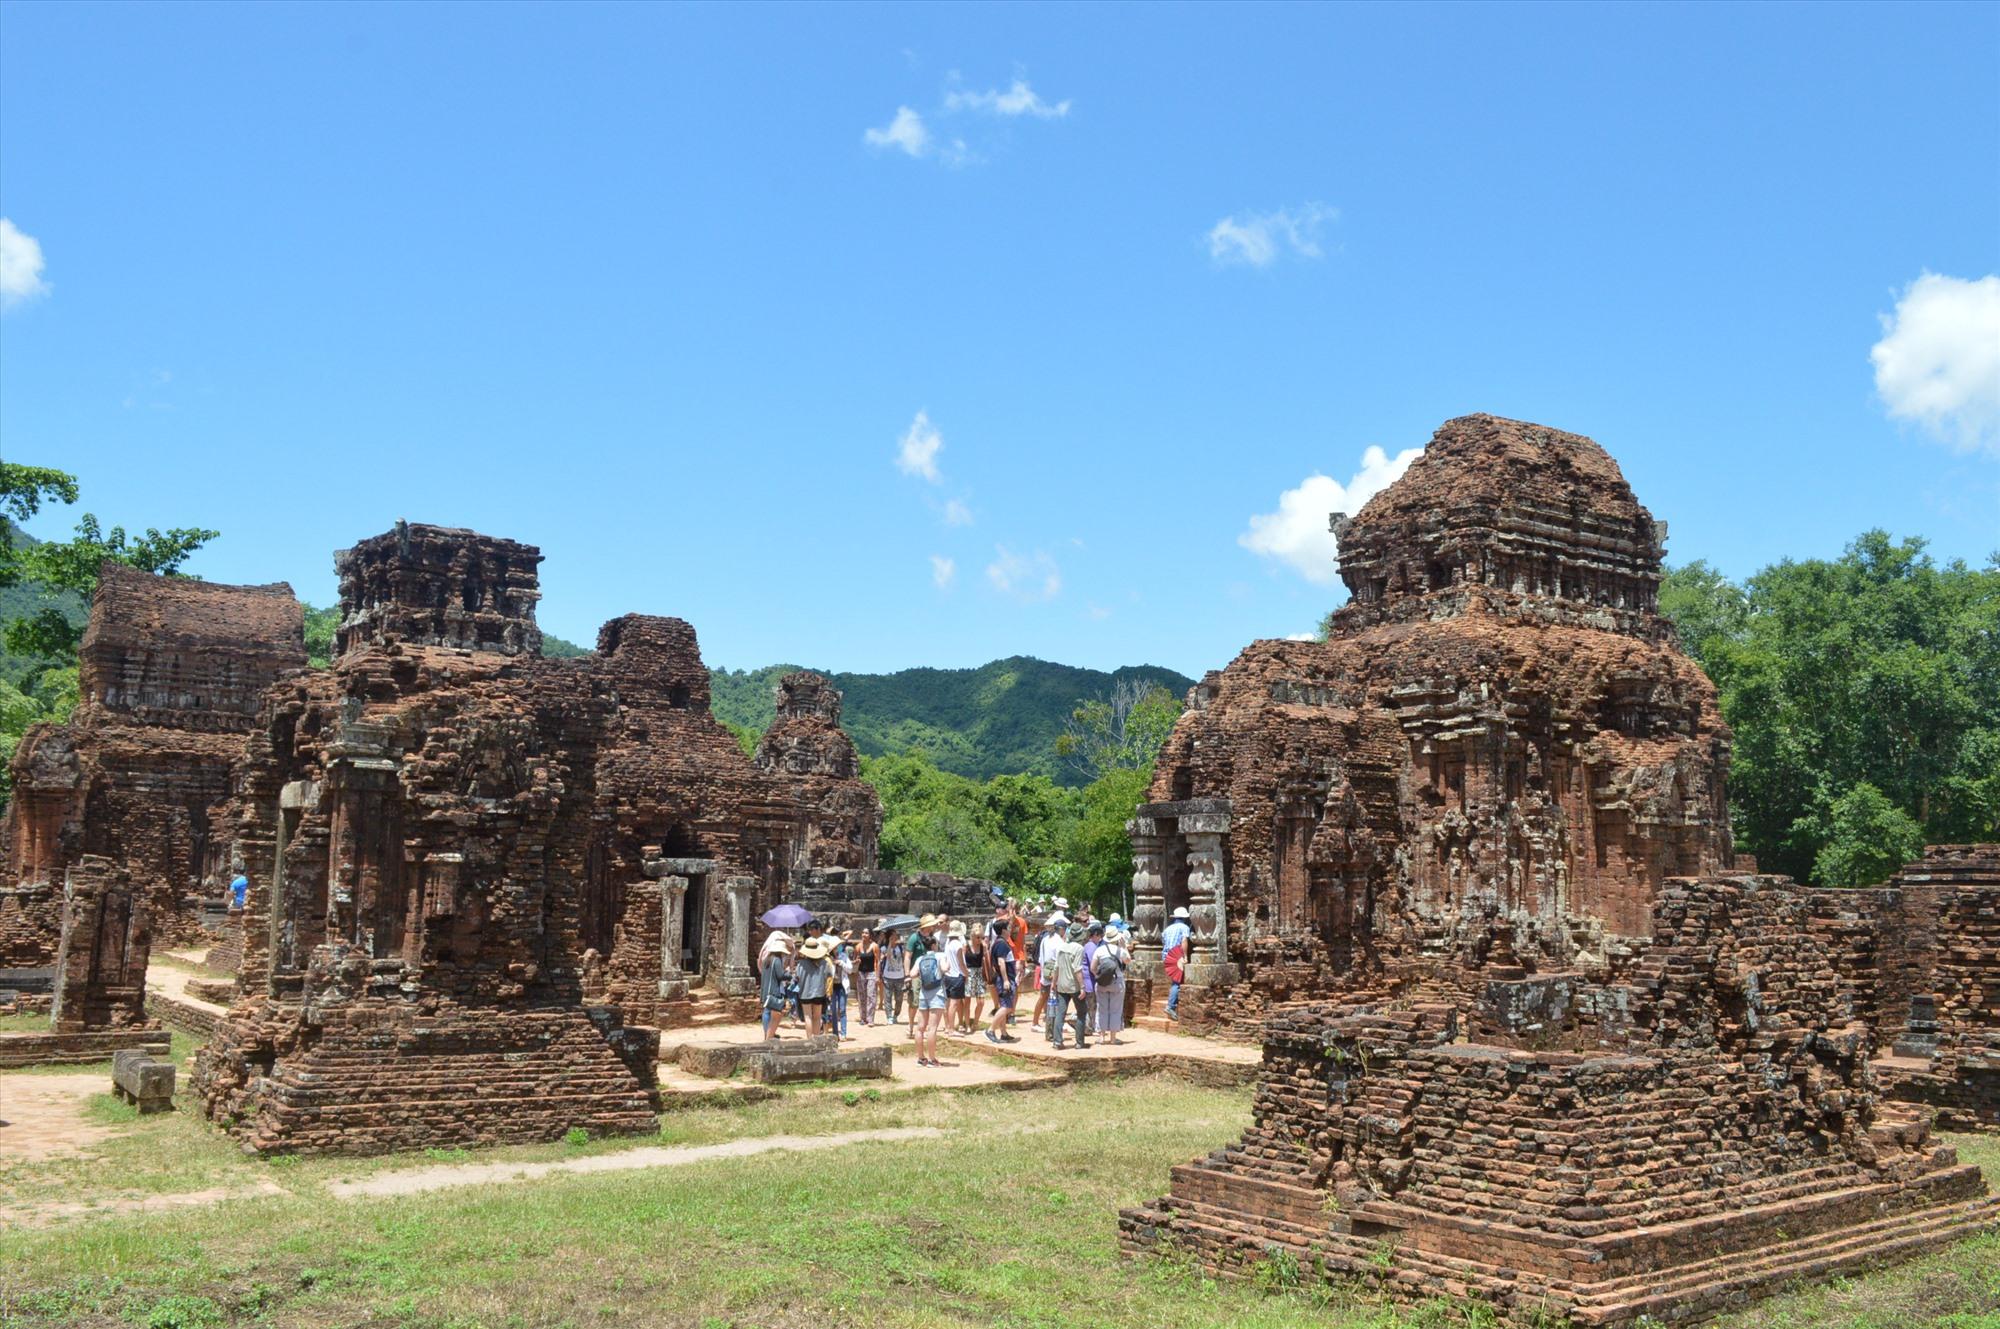 Khu đền tháp Mỹ Sơn đóng cừa khiến nhiều lao động nghỉ việc